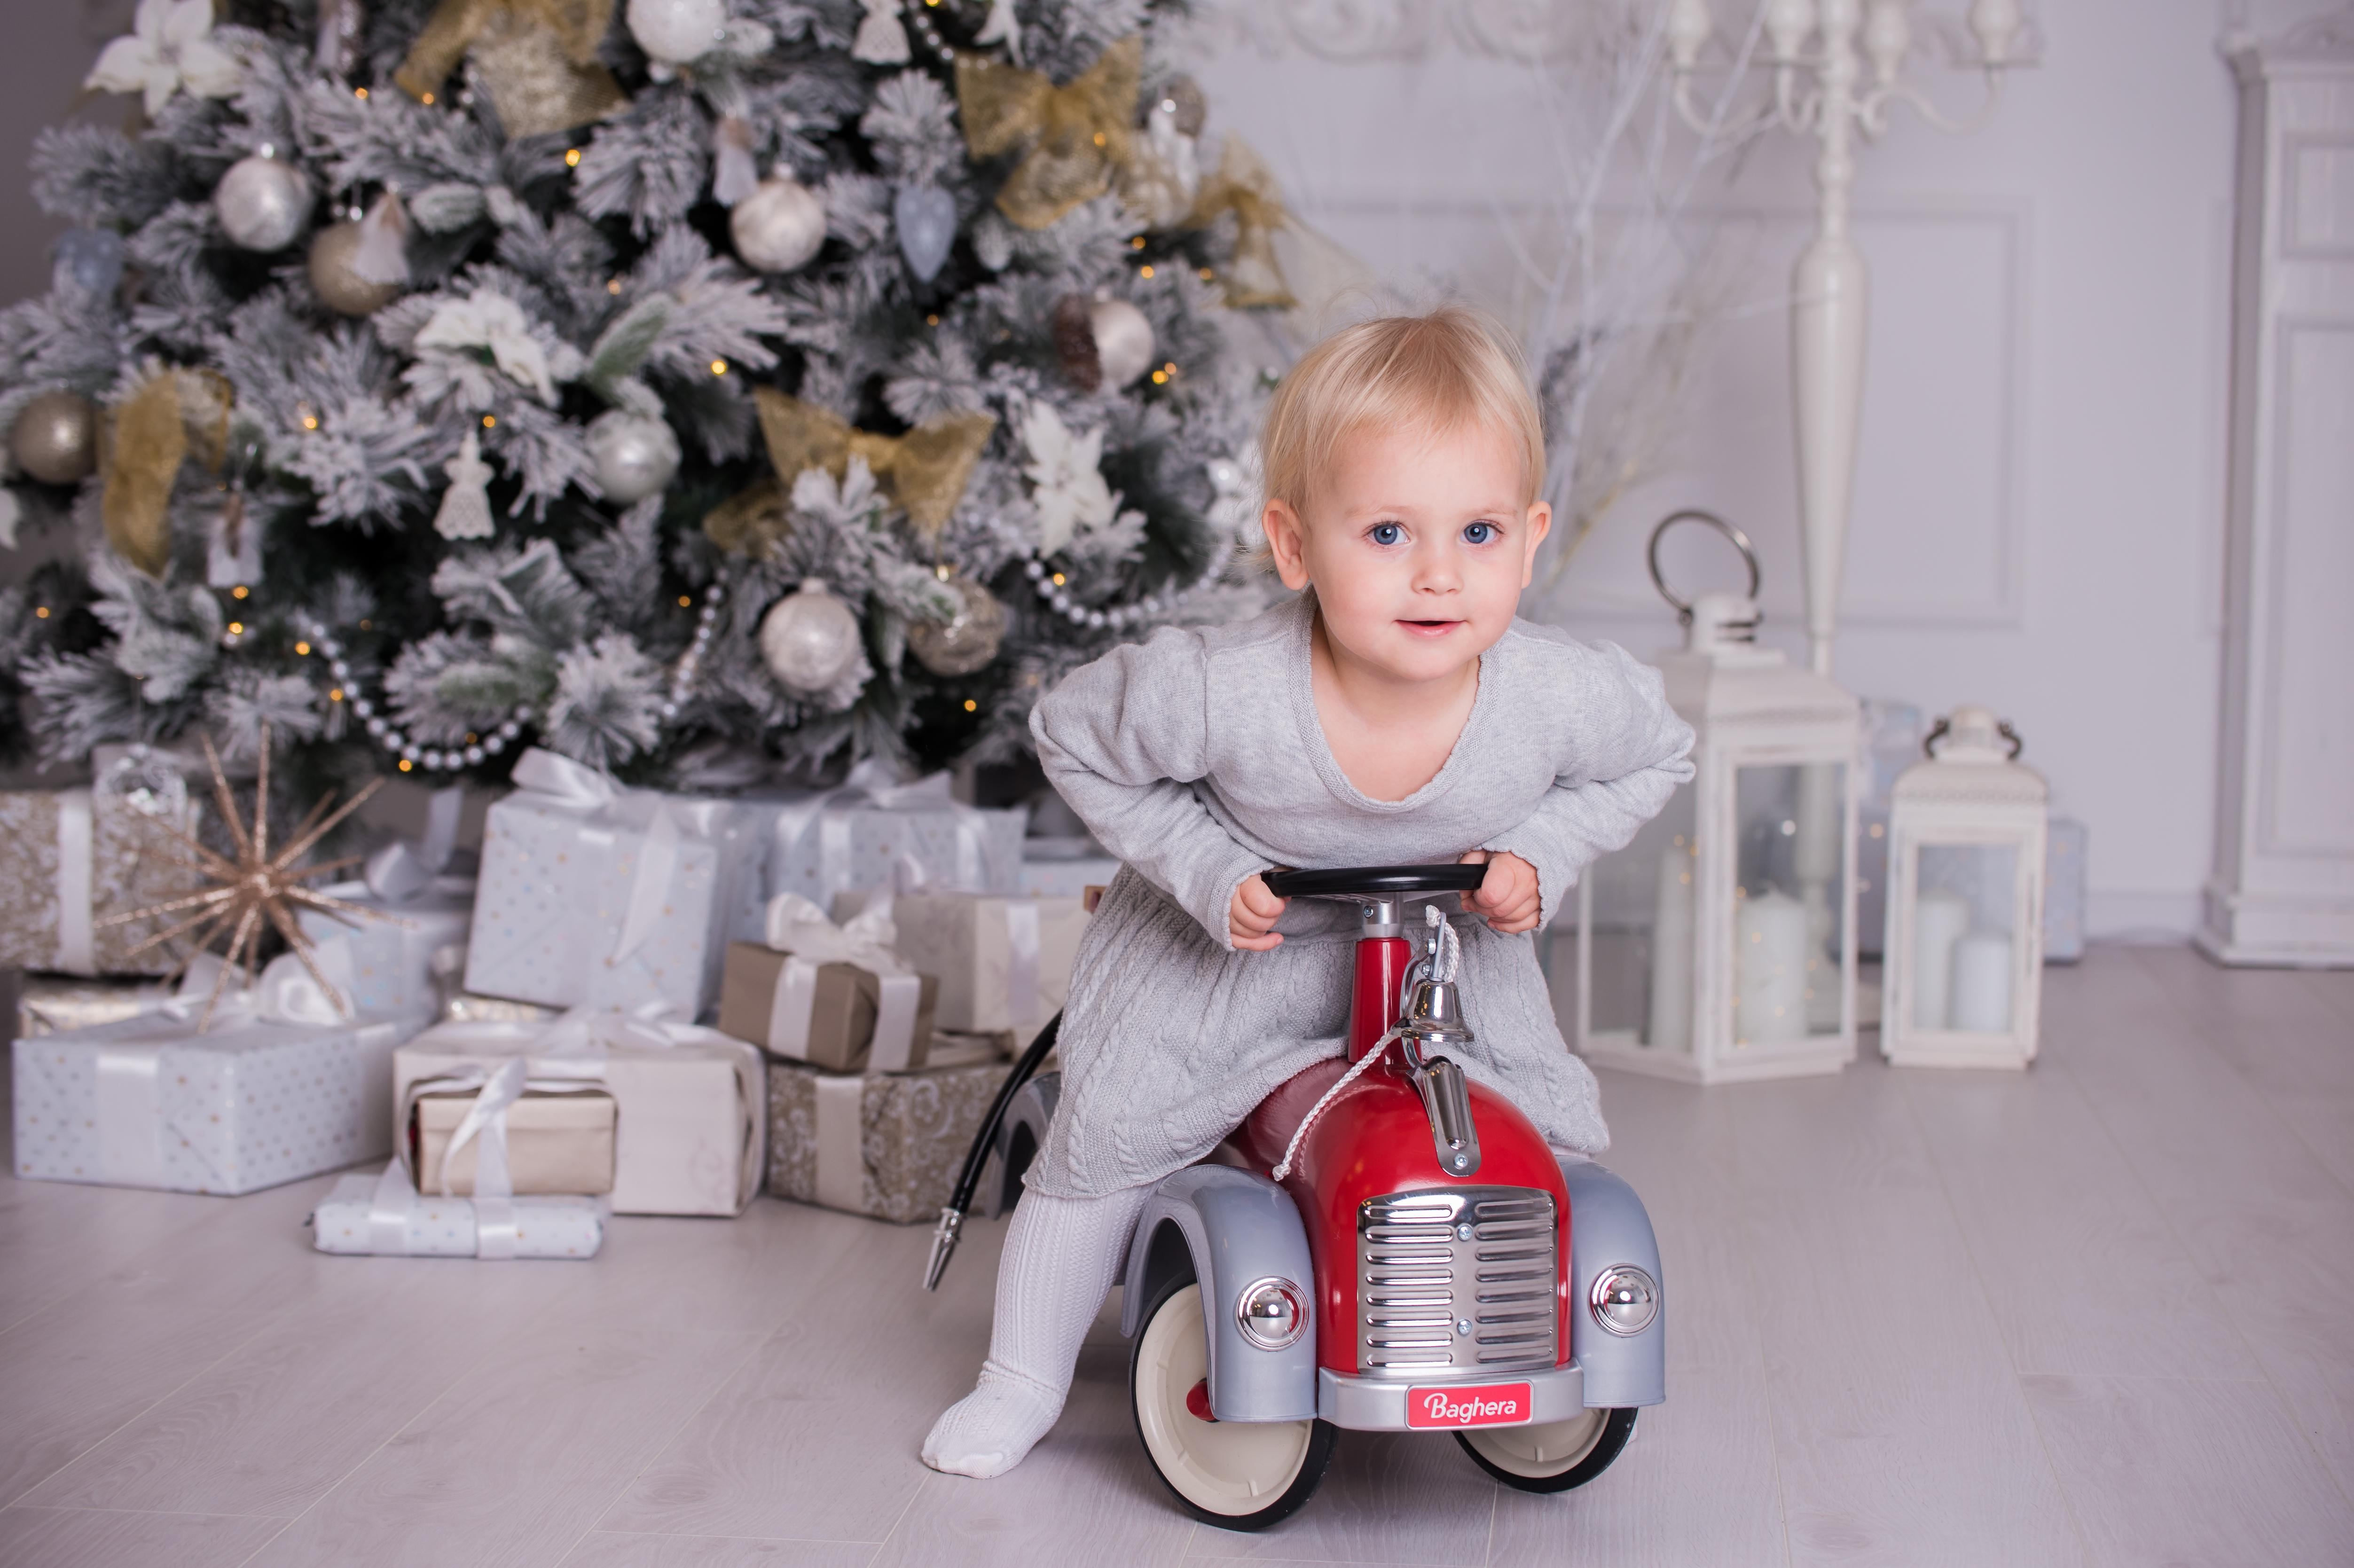 663d8ff9769 Raske hapnikupuudusega sündinud Anni-Grete lugu - Eestimaa Sünnitusmajade  Toetusfond